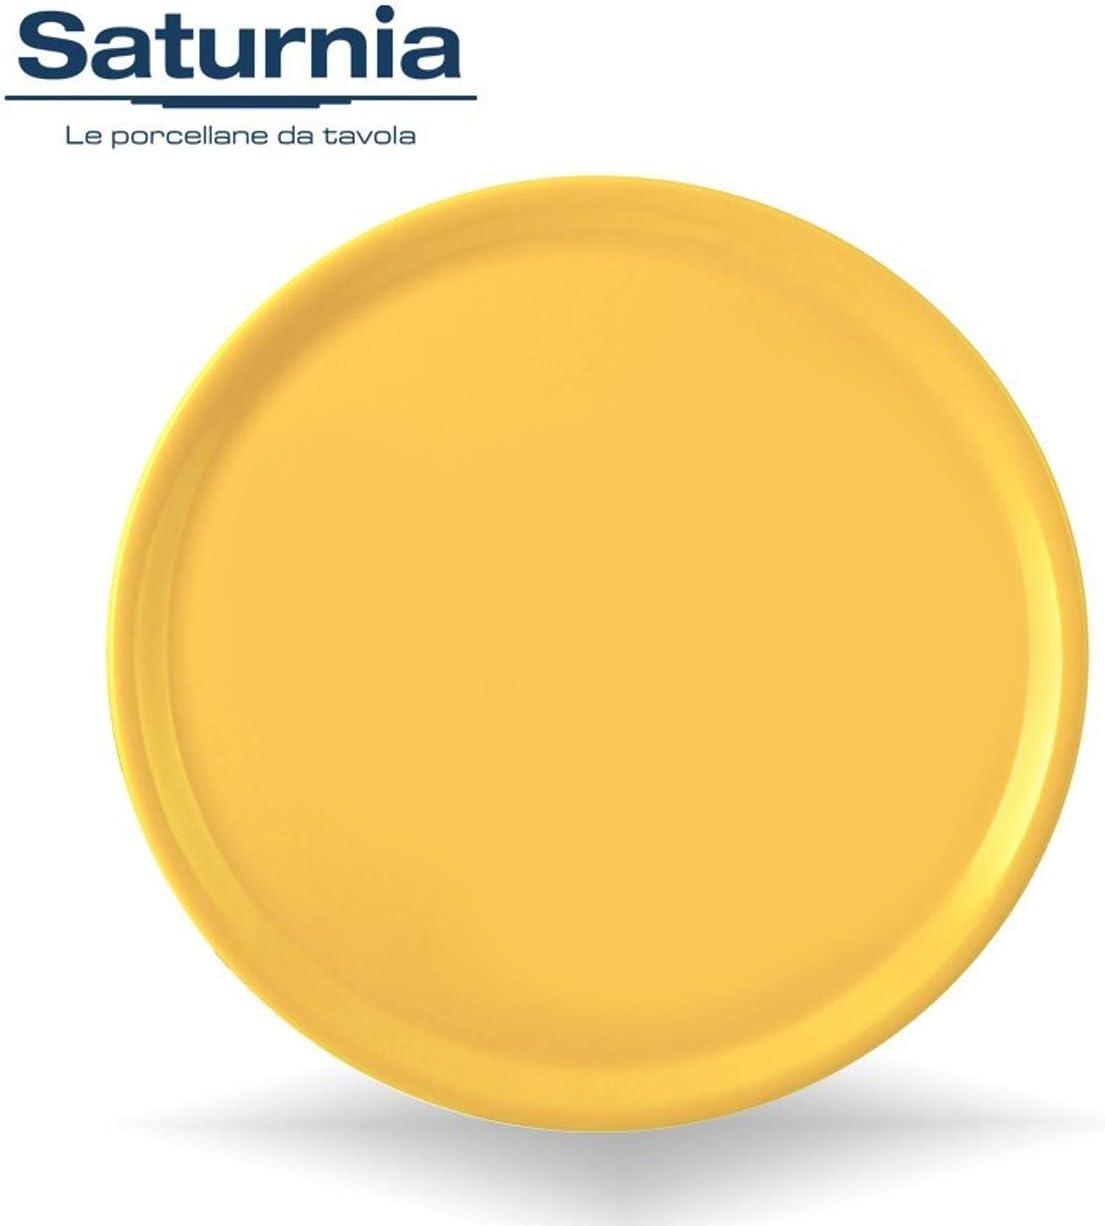 Saturnia Piatto da Pizza Piatto per Pizza Napoli in Porcellana Colore 33cm Verde